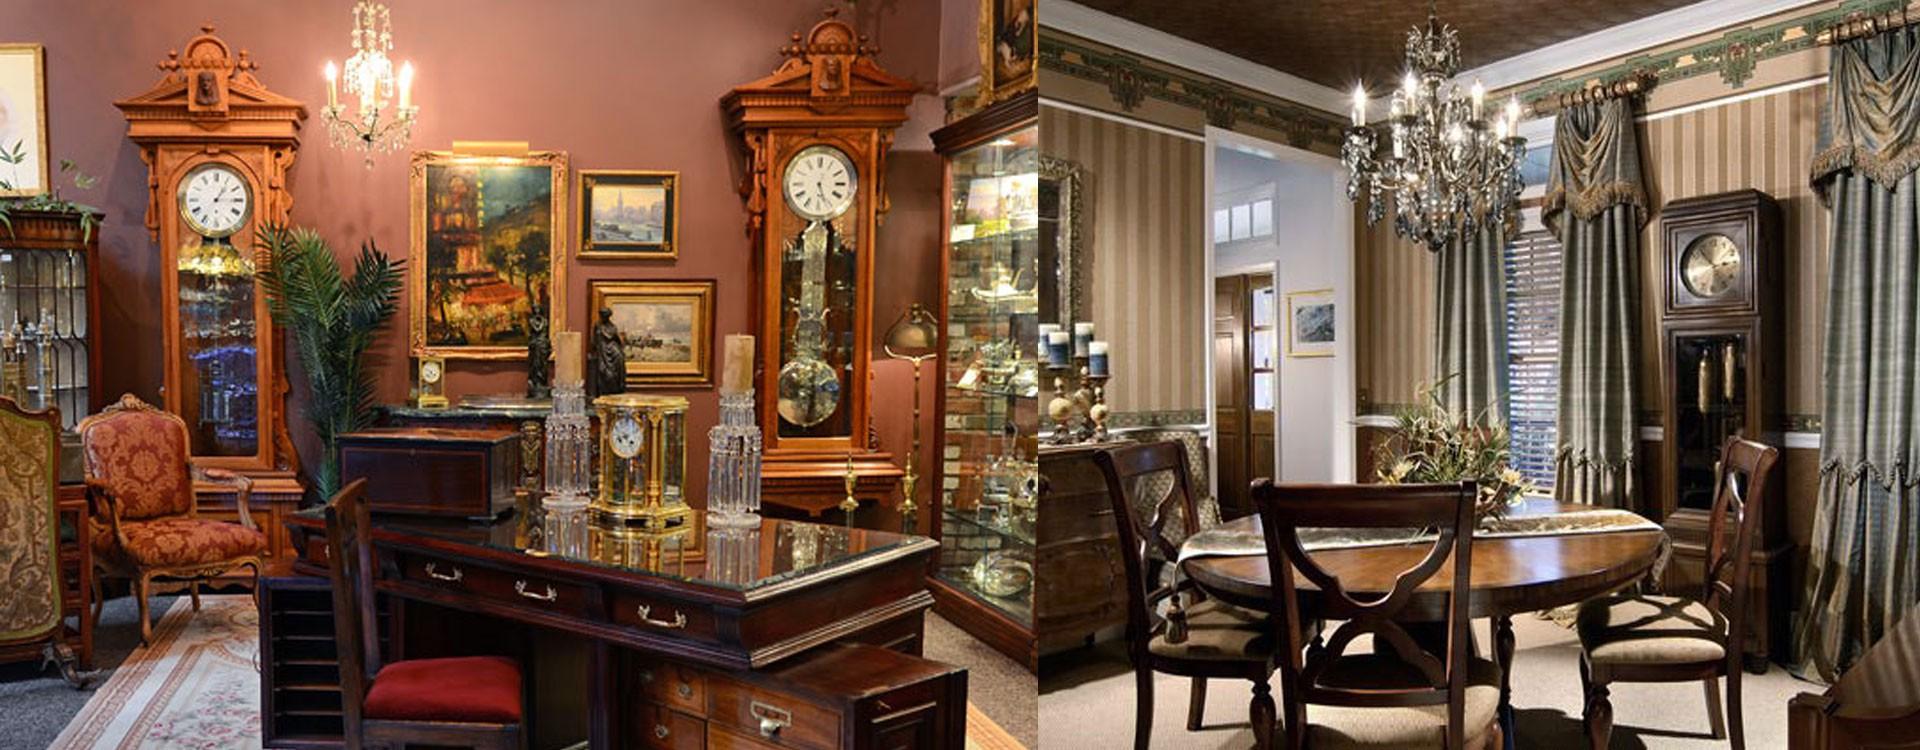 انواع مدل های ساعت ایستاده از کلاسیک تا مدرن در مجله خونه شو